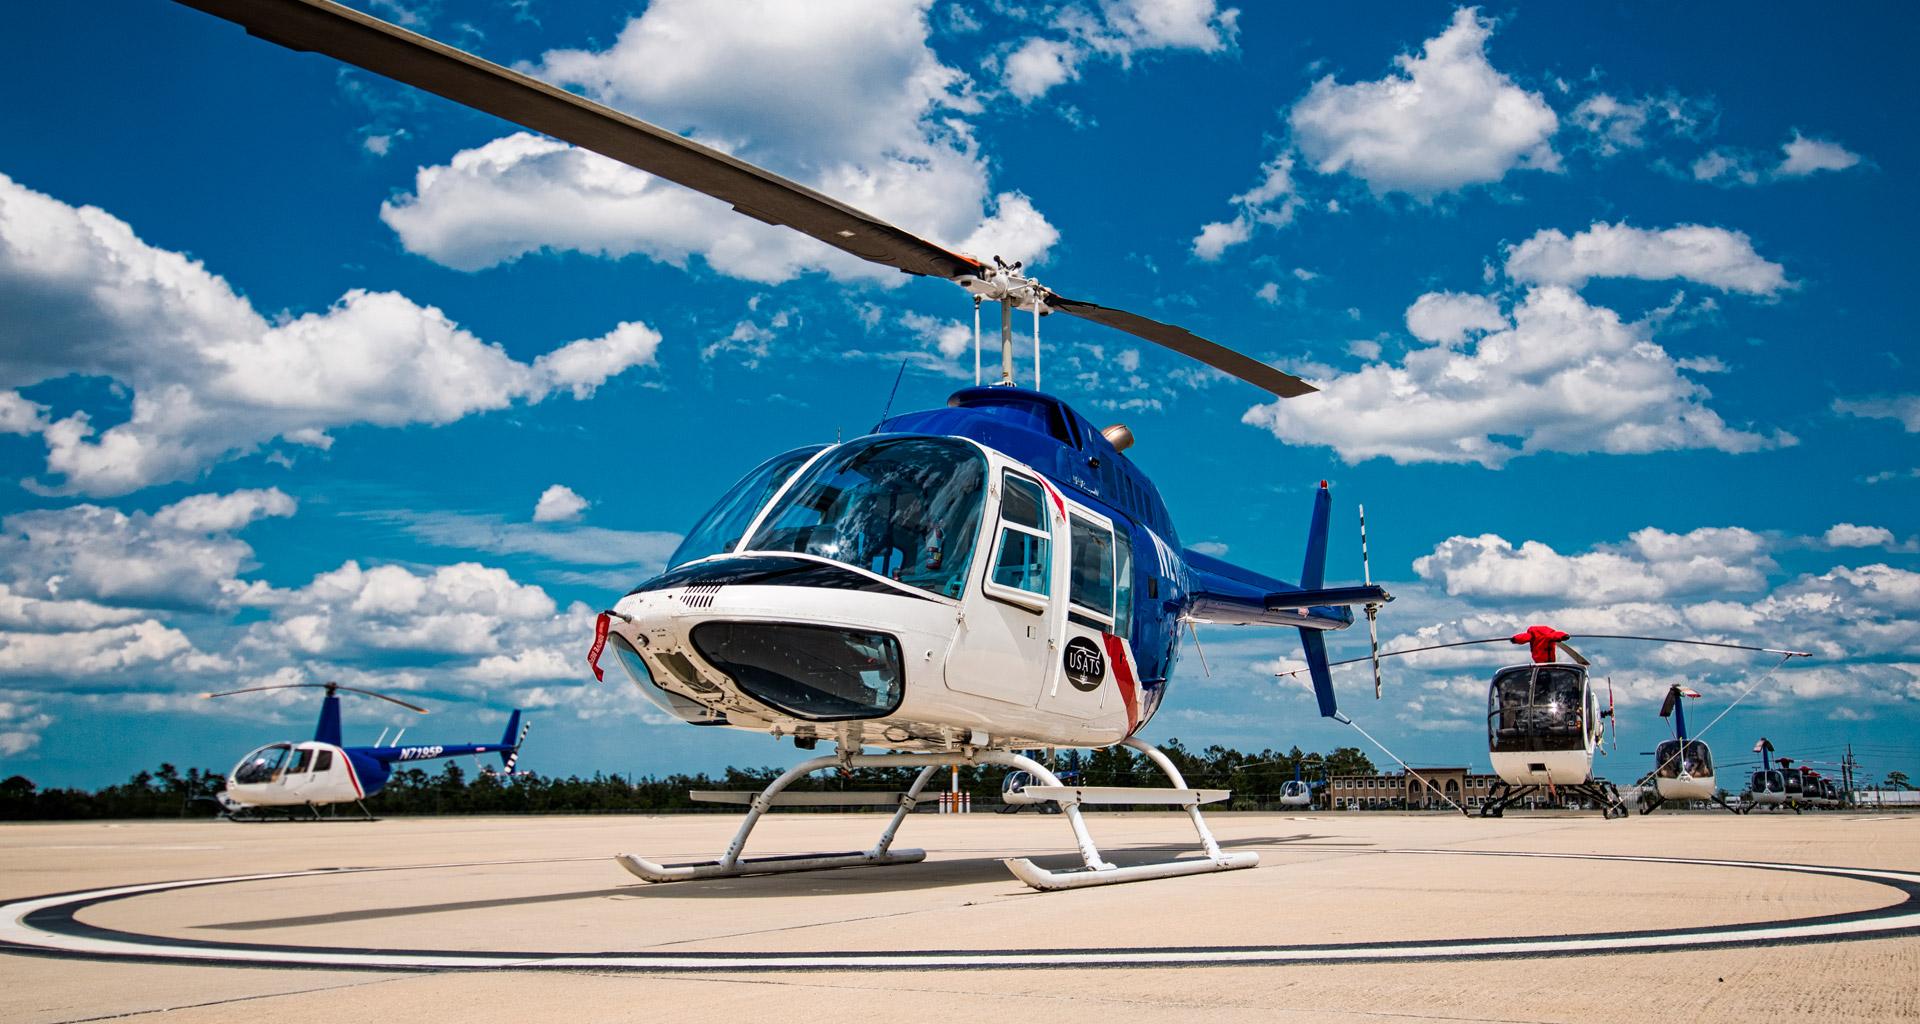 helicoptero-de-entrenamiento-academia-piloto-helicpteros-usa